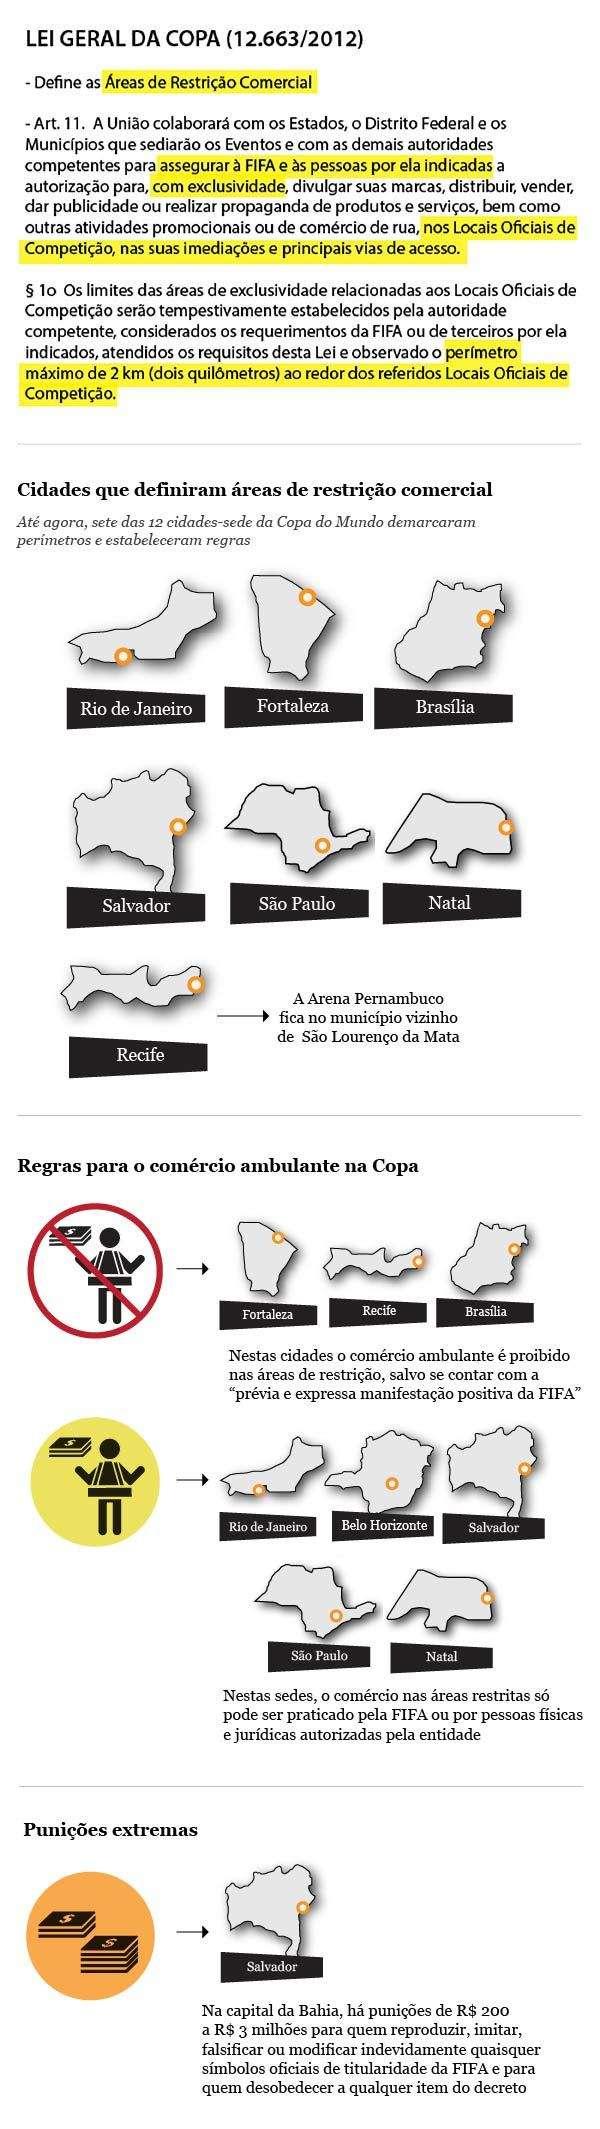 (Fonte: Agência Pública de Jornalismo Investigativo)